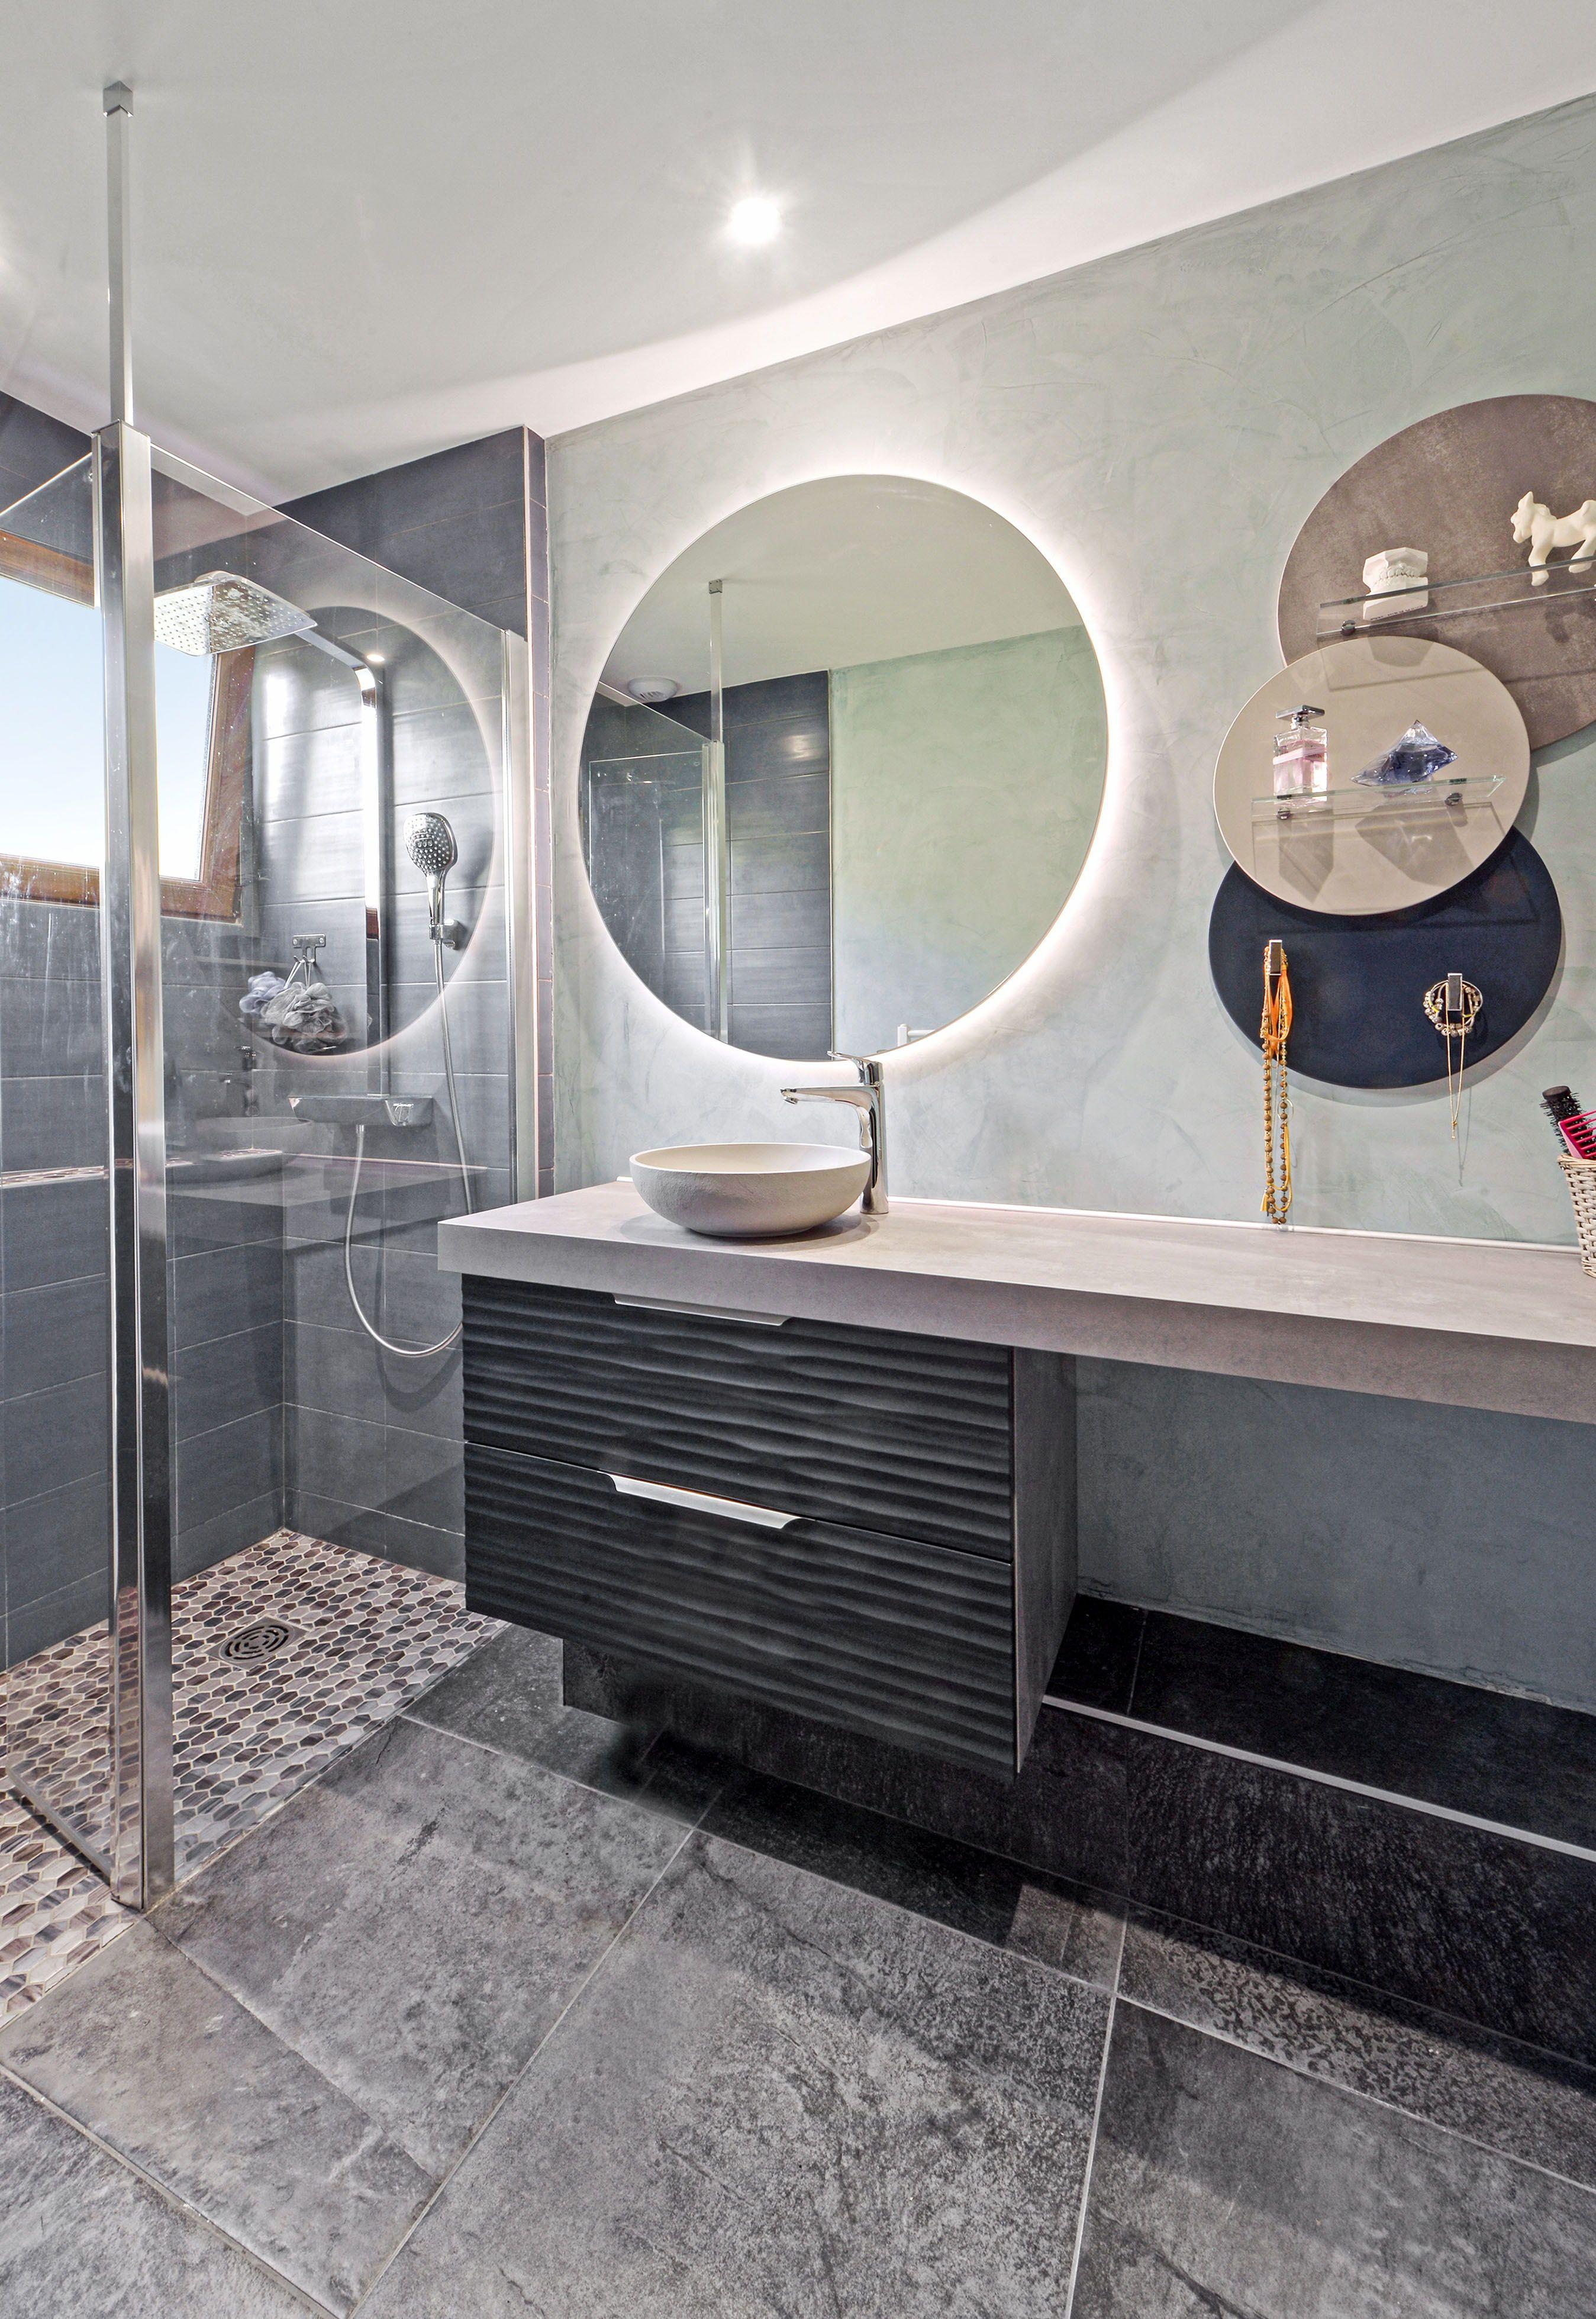 Salle De Bains Design Boudoir Et Miroirs Salle De Bain Design Salle De Bains Moderne Salle De Bain